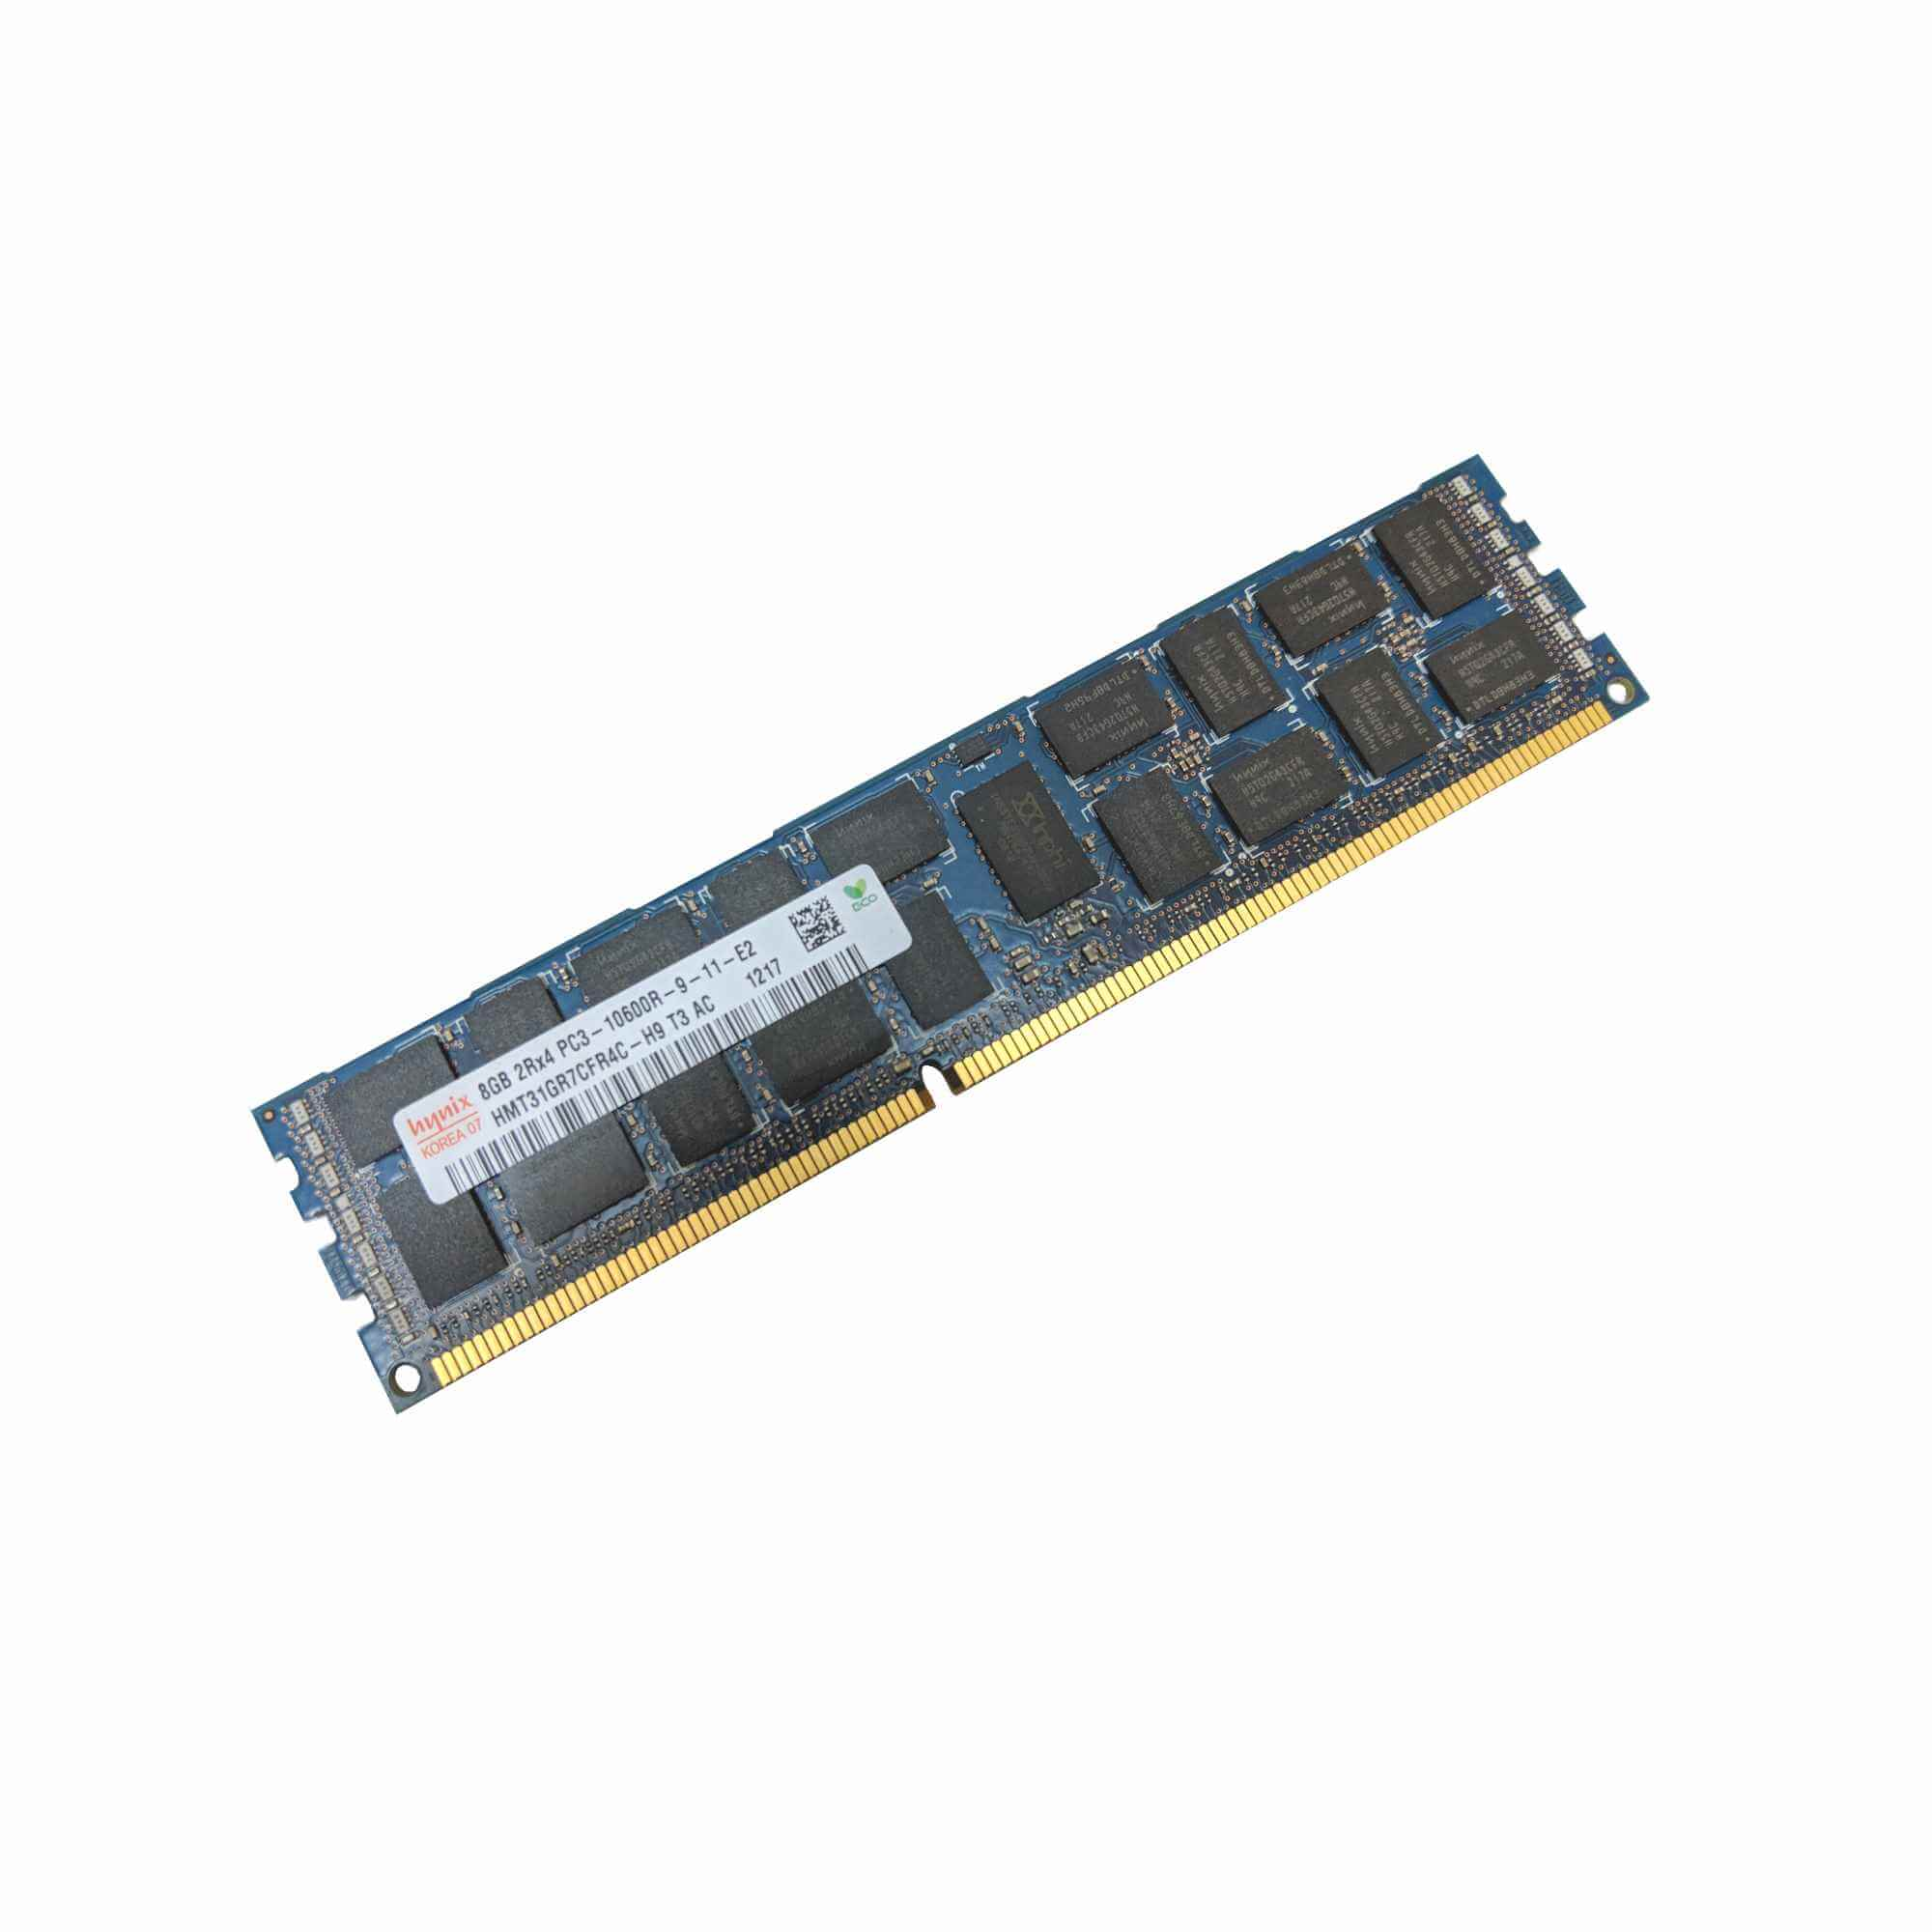 500662-b21 500205-071 501536-001 HP 8GB 2RX4 PC3-10600R-9 DDR3-1333 ECC MEMORY